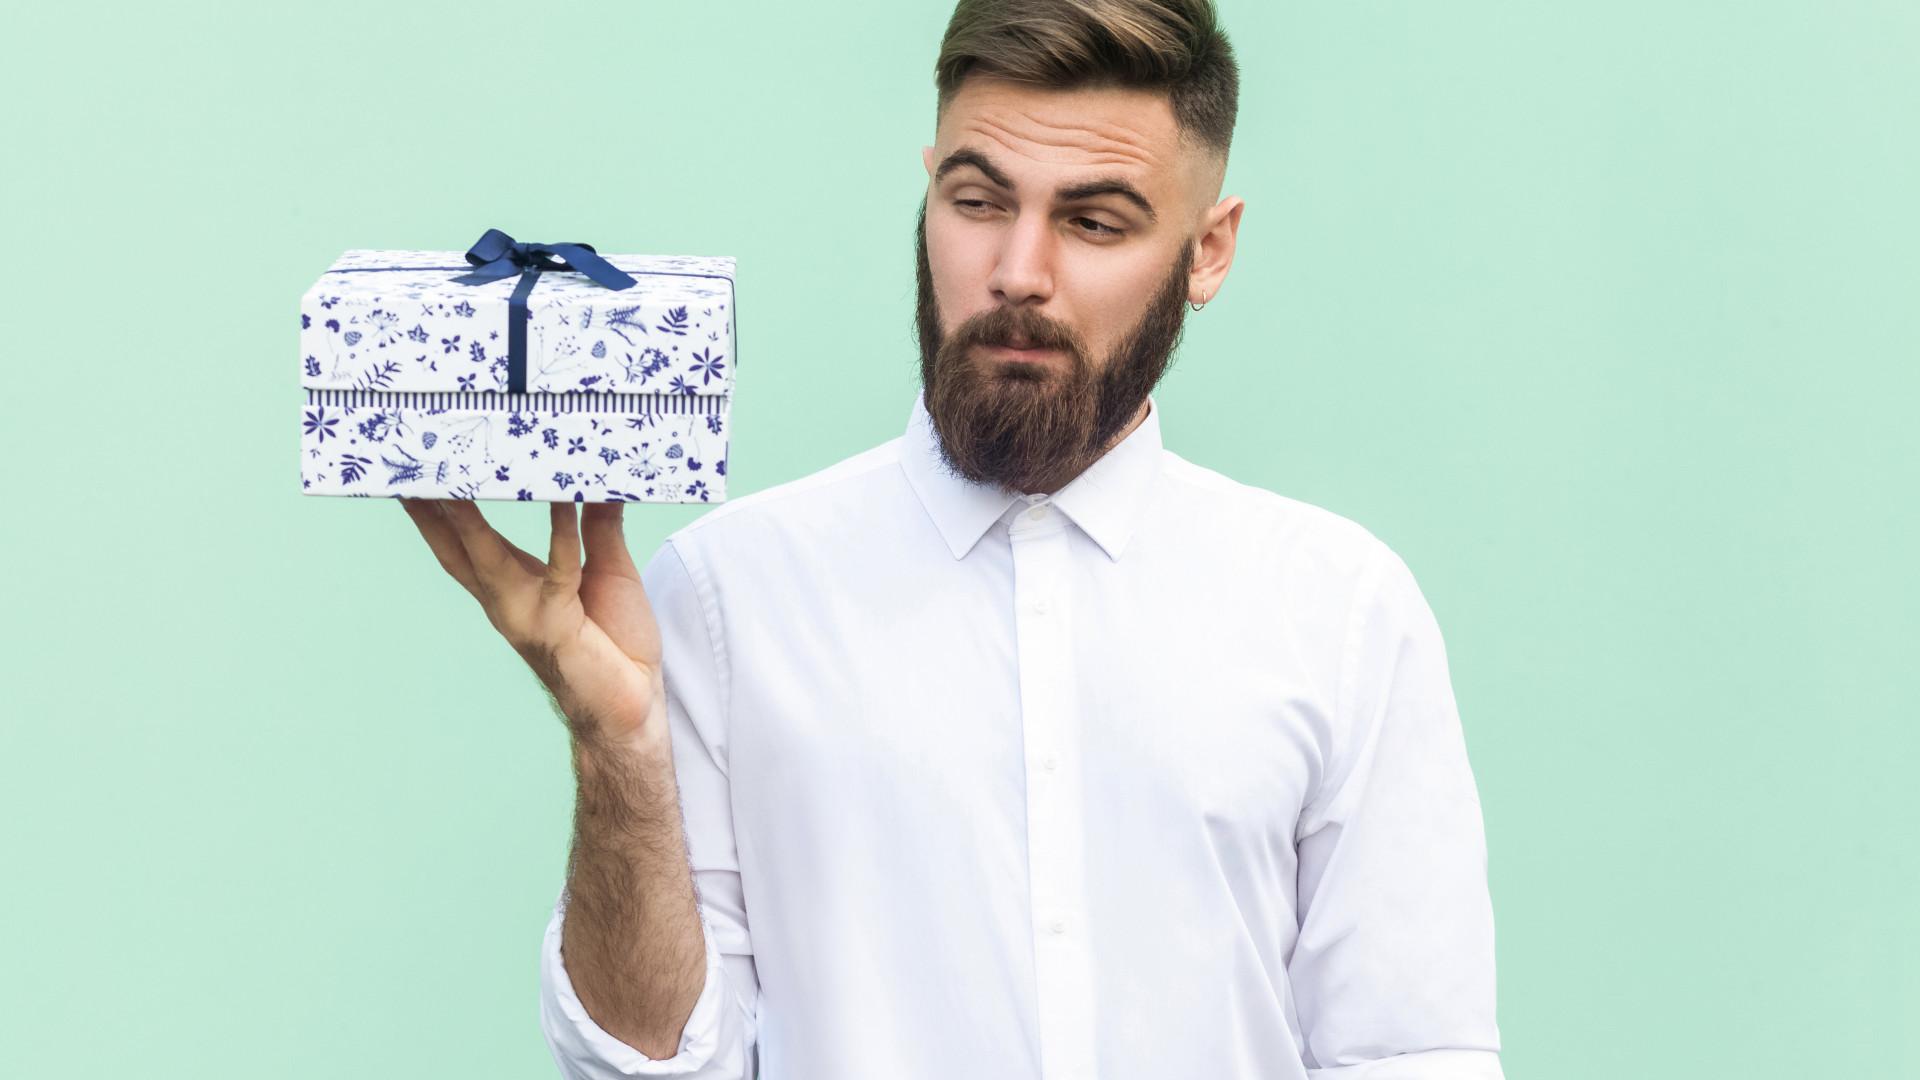 Produtos de moda são os presentes que os homens mais gostam de receber